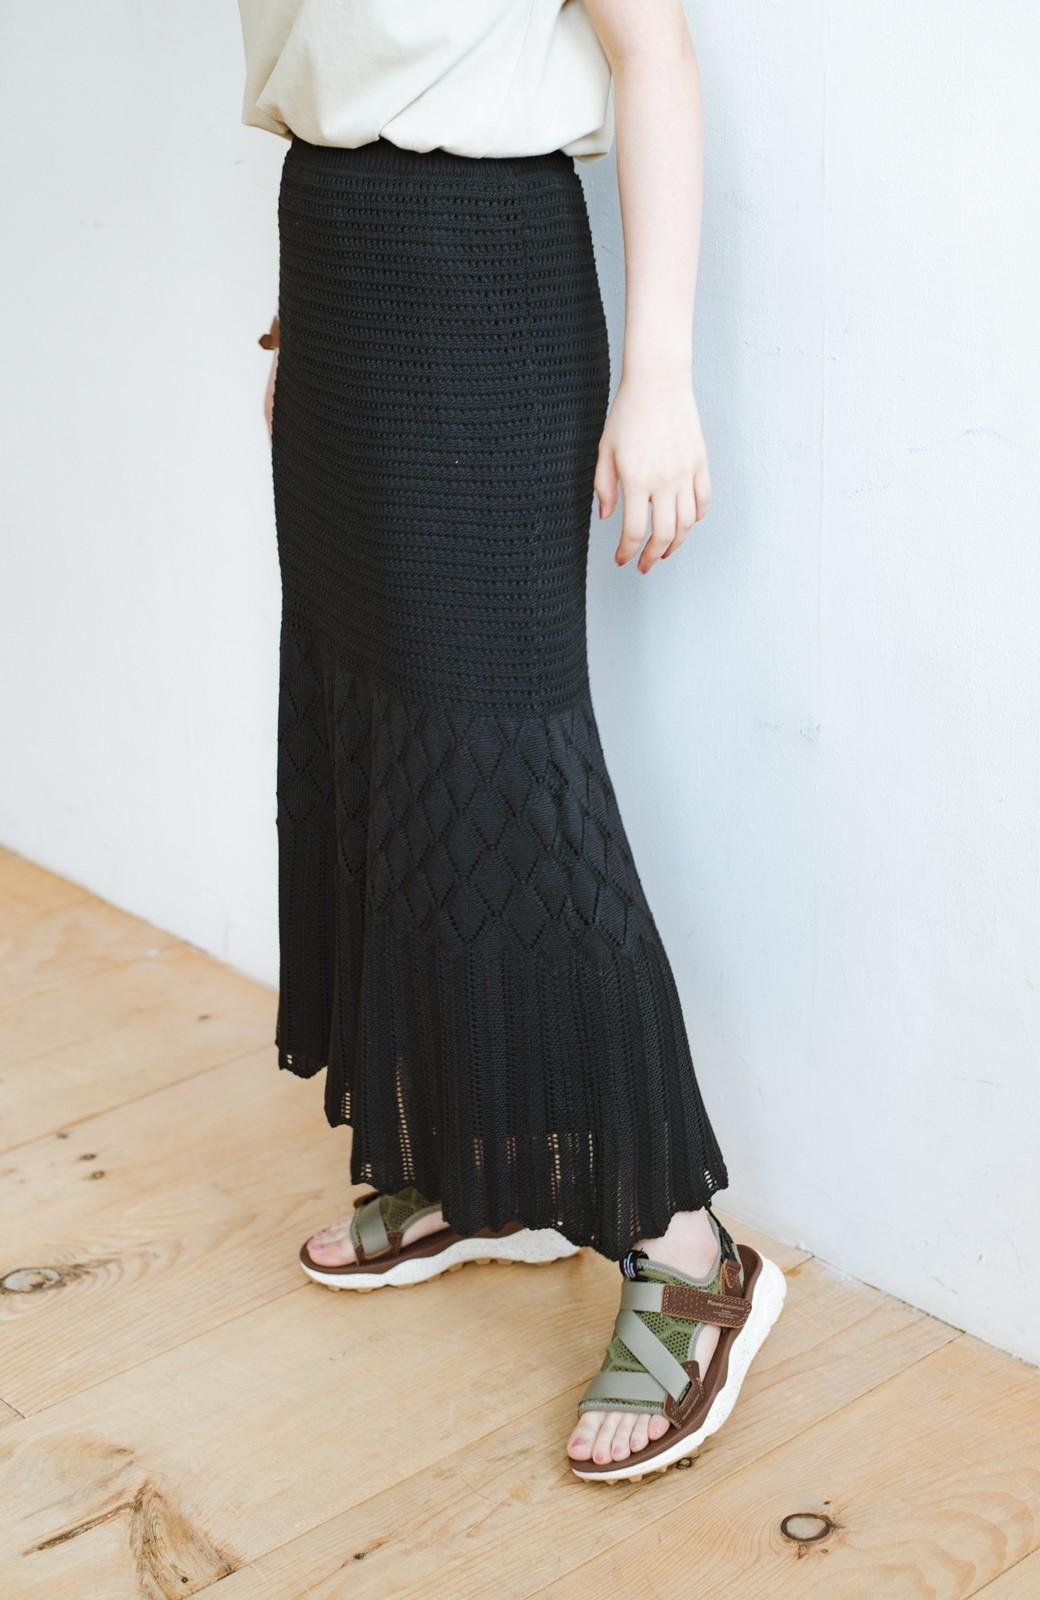 haco! 単品はもちろん重ね着してもかわいさが増す!透かし編みマーメイドスカート <ブラック>の商品写真2